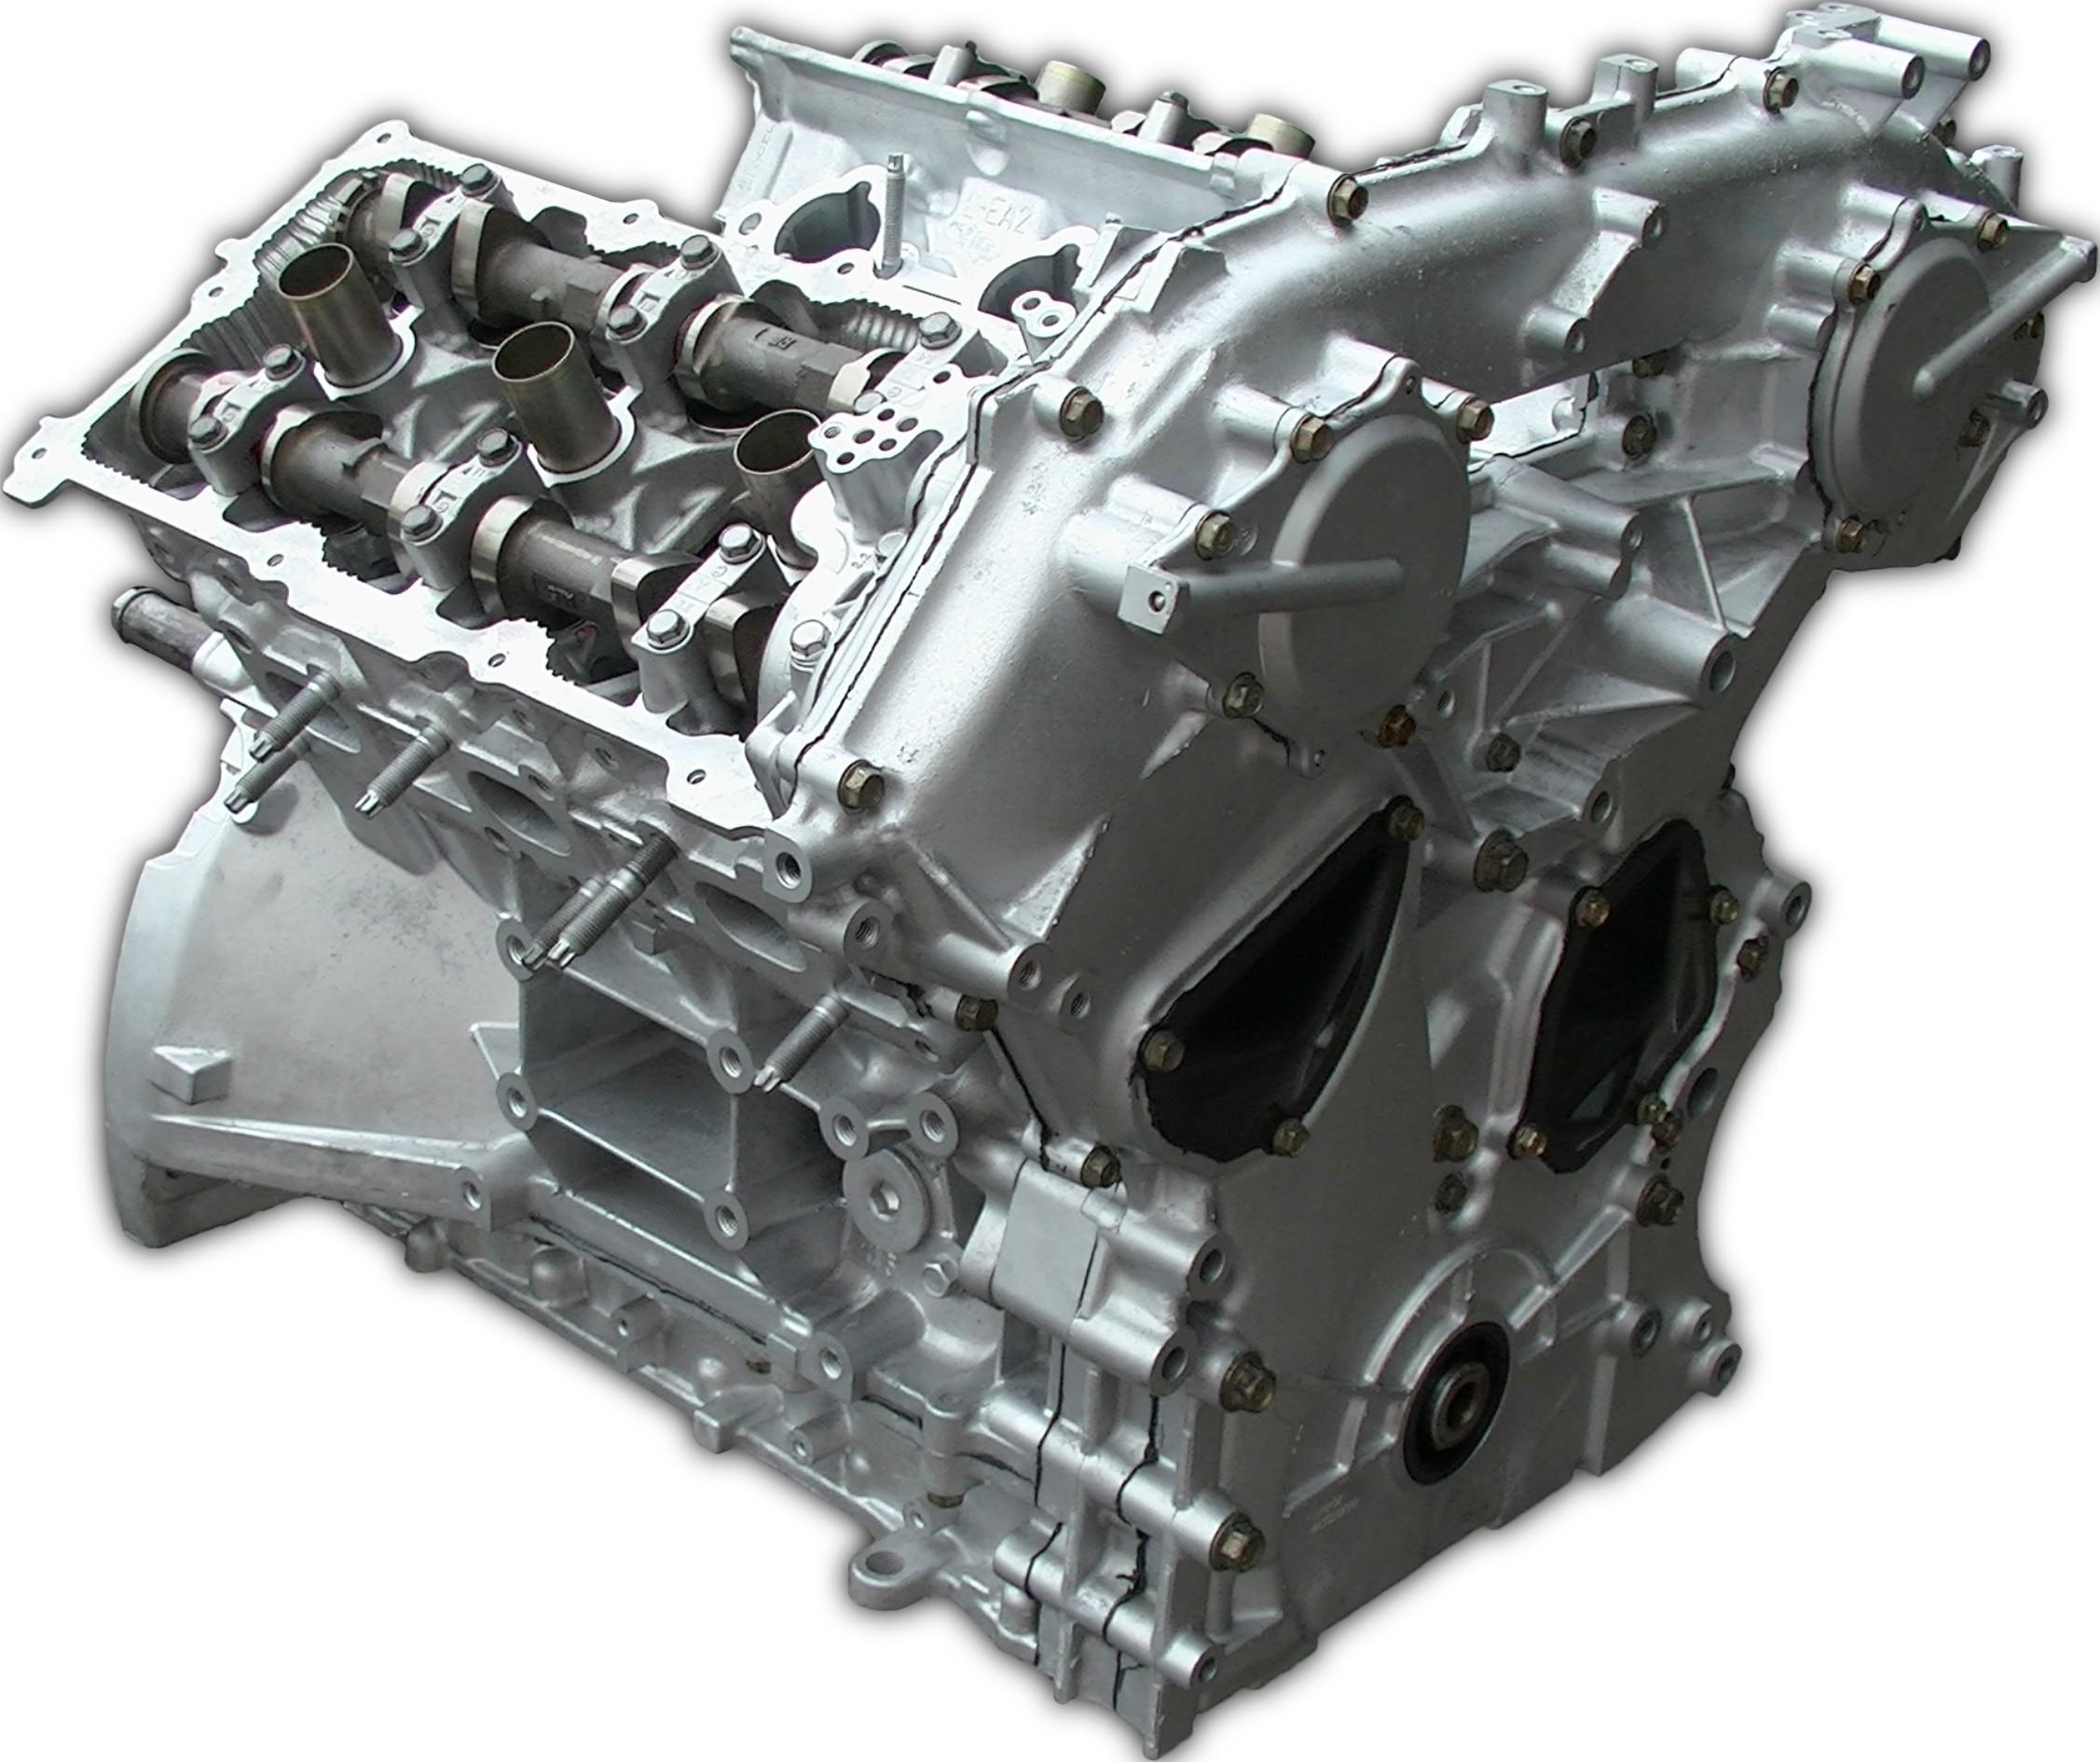 Rebuilt 05 08 Nissan Frontier 4 0l V6 Vq40de Engine Kar